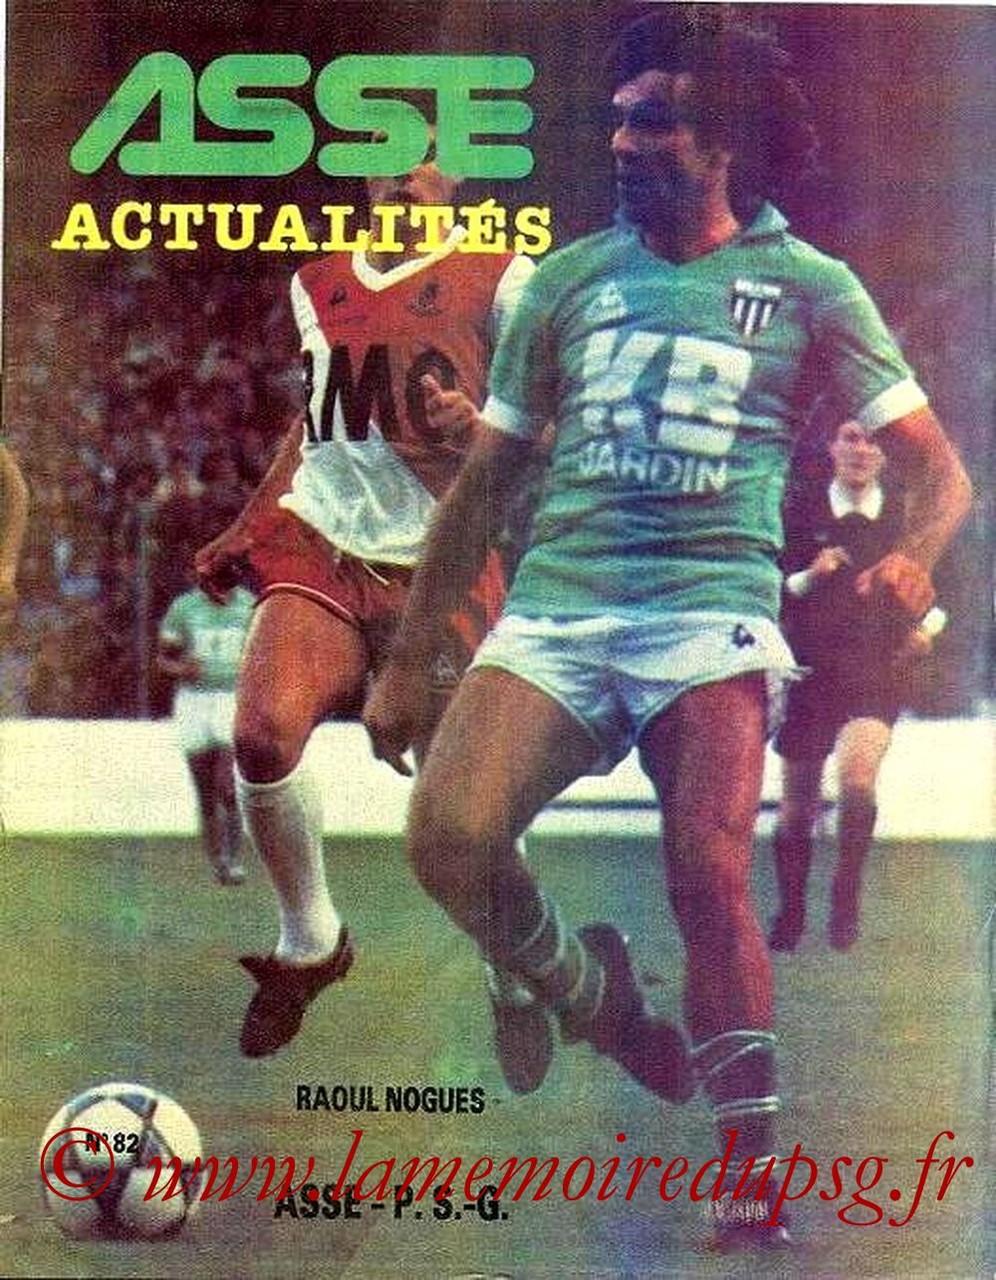 1981-08-11  Saint Etienne-PSG (5ème D1,ASSE Actualites N°82)